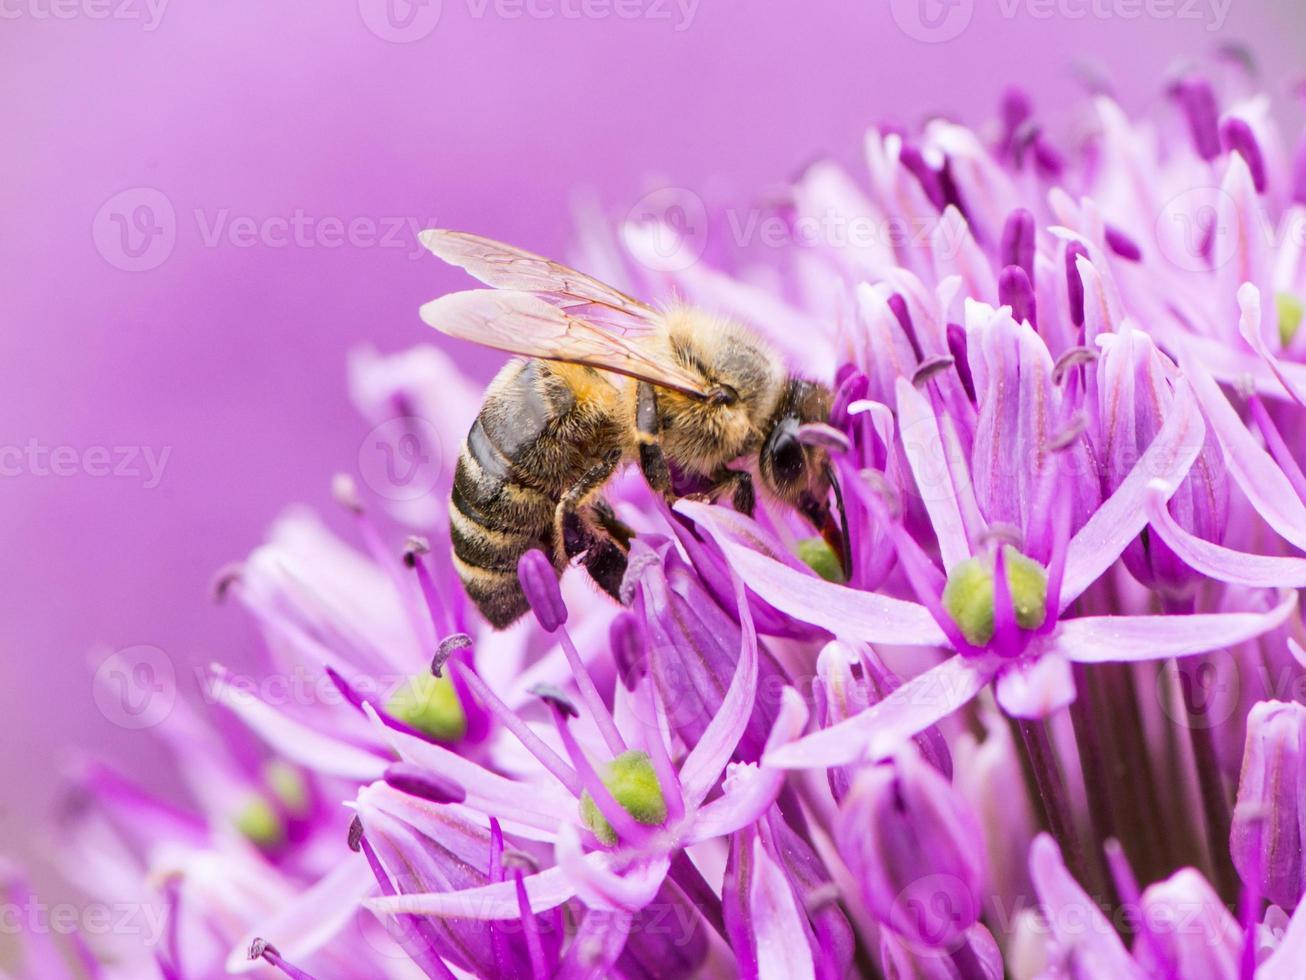 abeille récoltant le pollen sur une fleur d'oignon géante photo